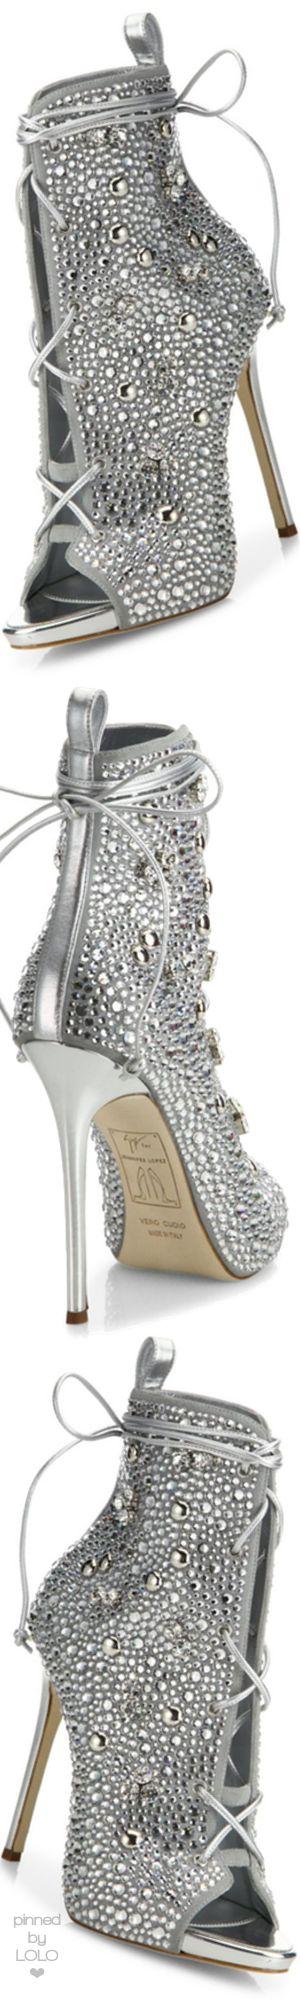 Giuseppe Zanotti for Jennifer Lopez Lynda Crystal Open-Toe 120mm Bootie